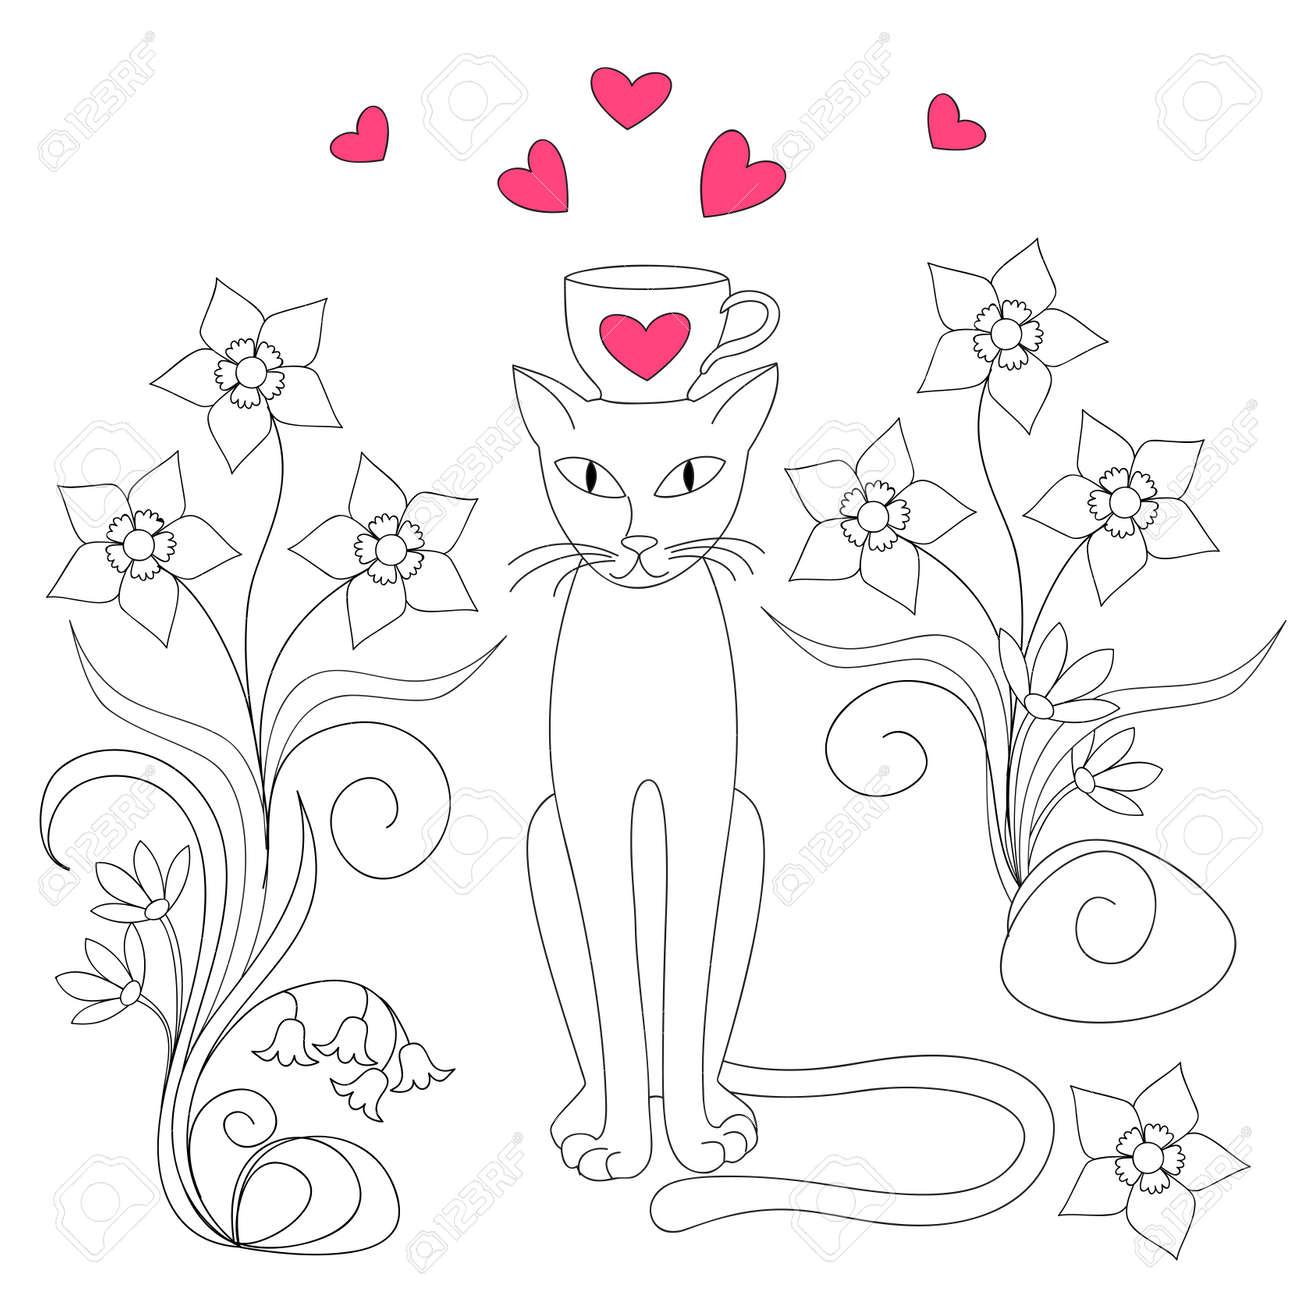 Cartoon Katze Mit Schale, Blumen Und Herzen Für Valentinstag Grußkarte,  Einladung, Hochzeit